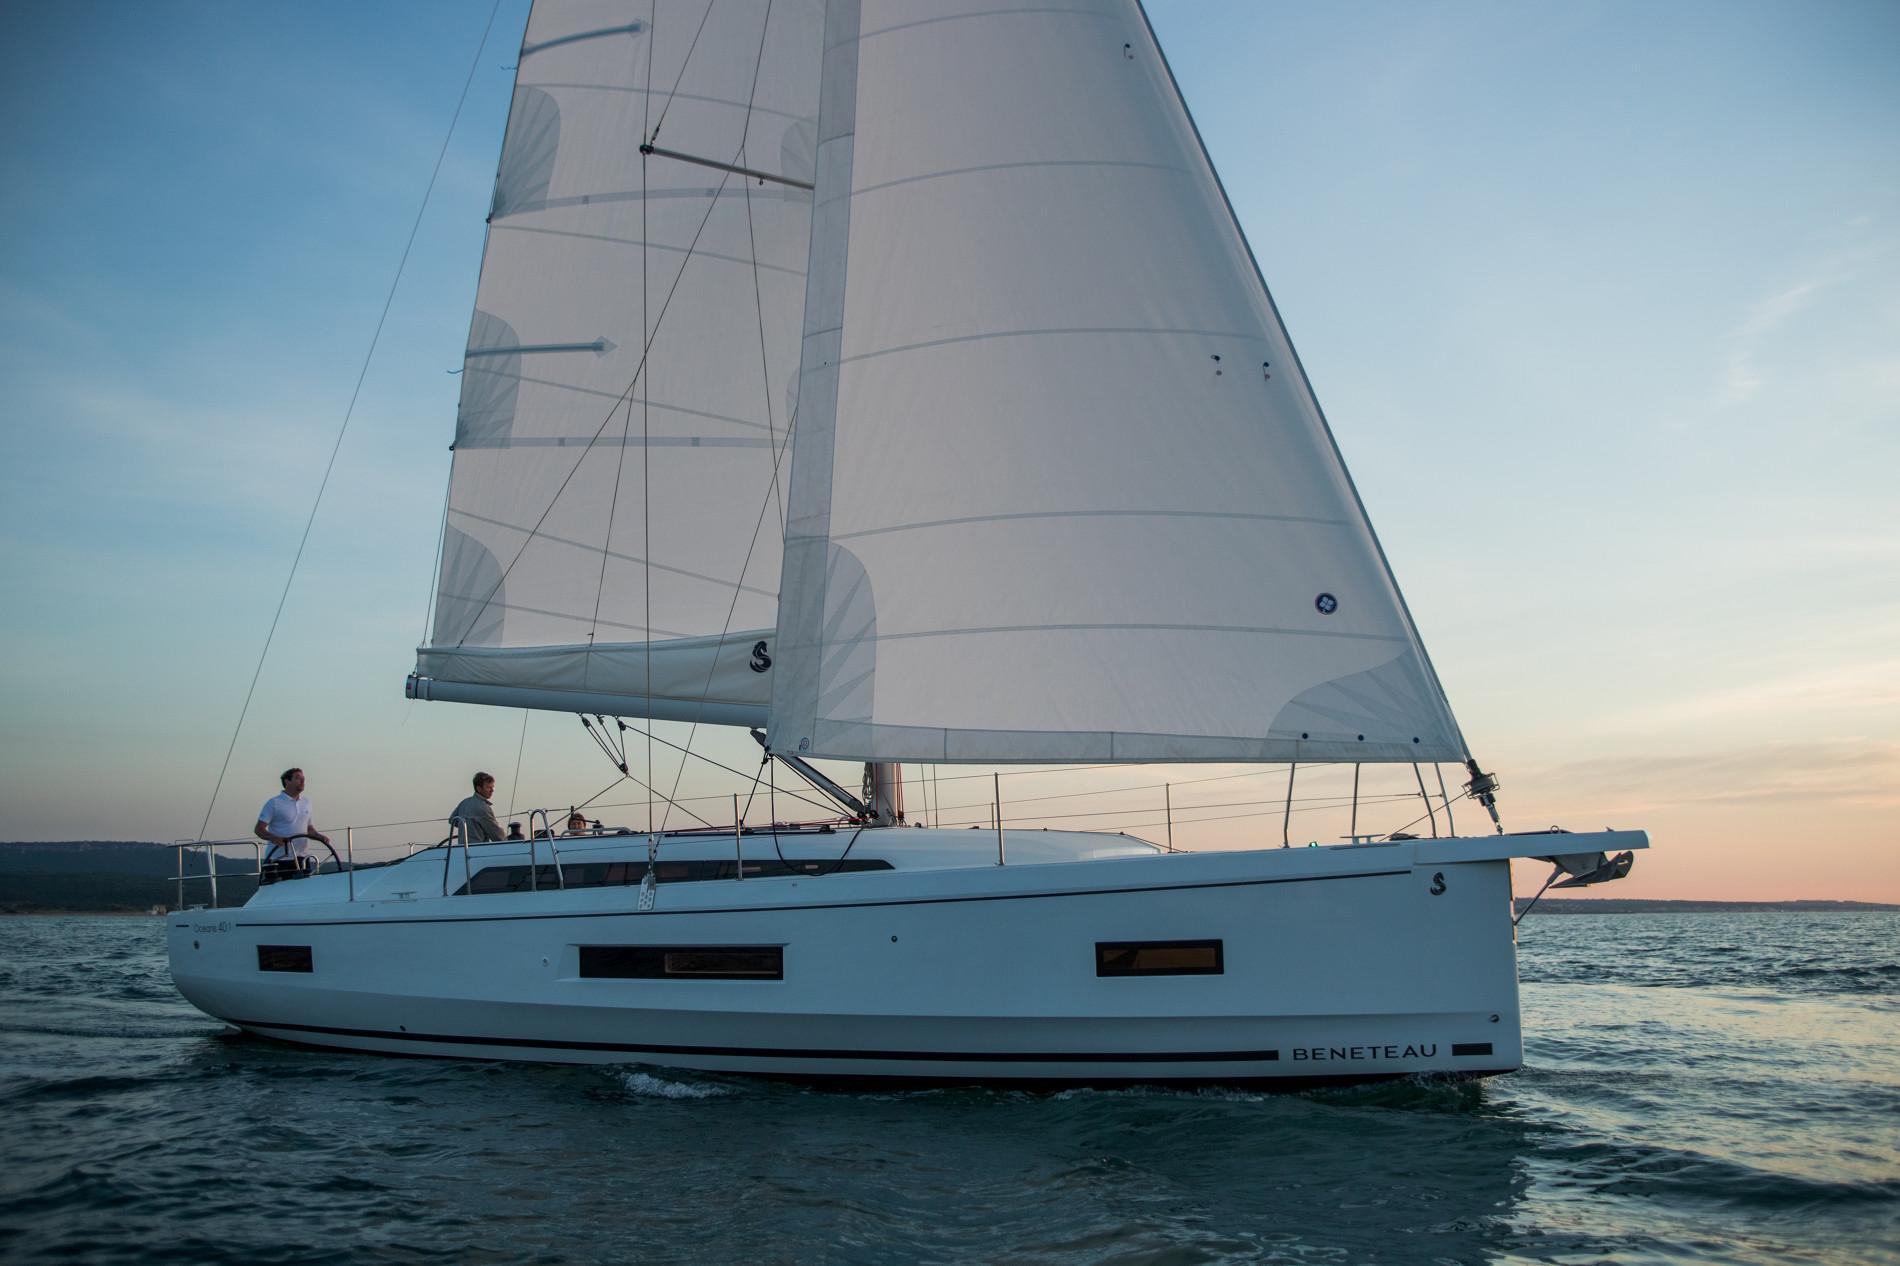 Beneteau Oceanis 40.1 - On Order